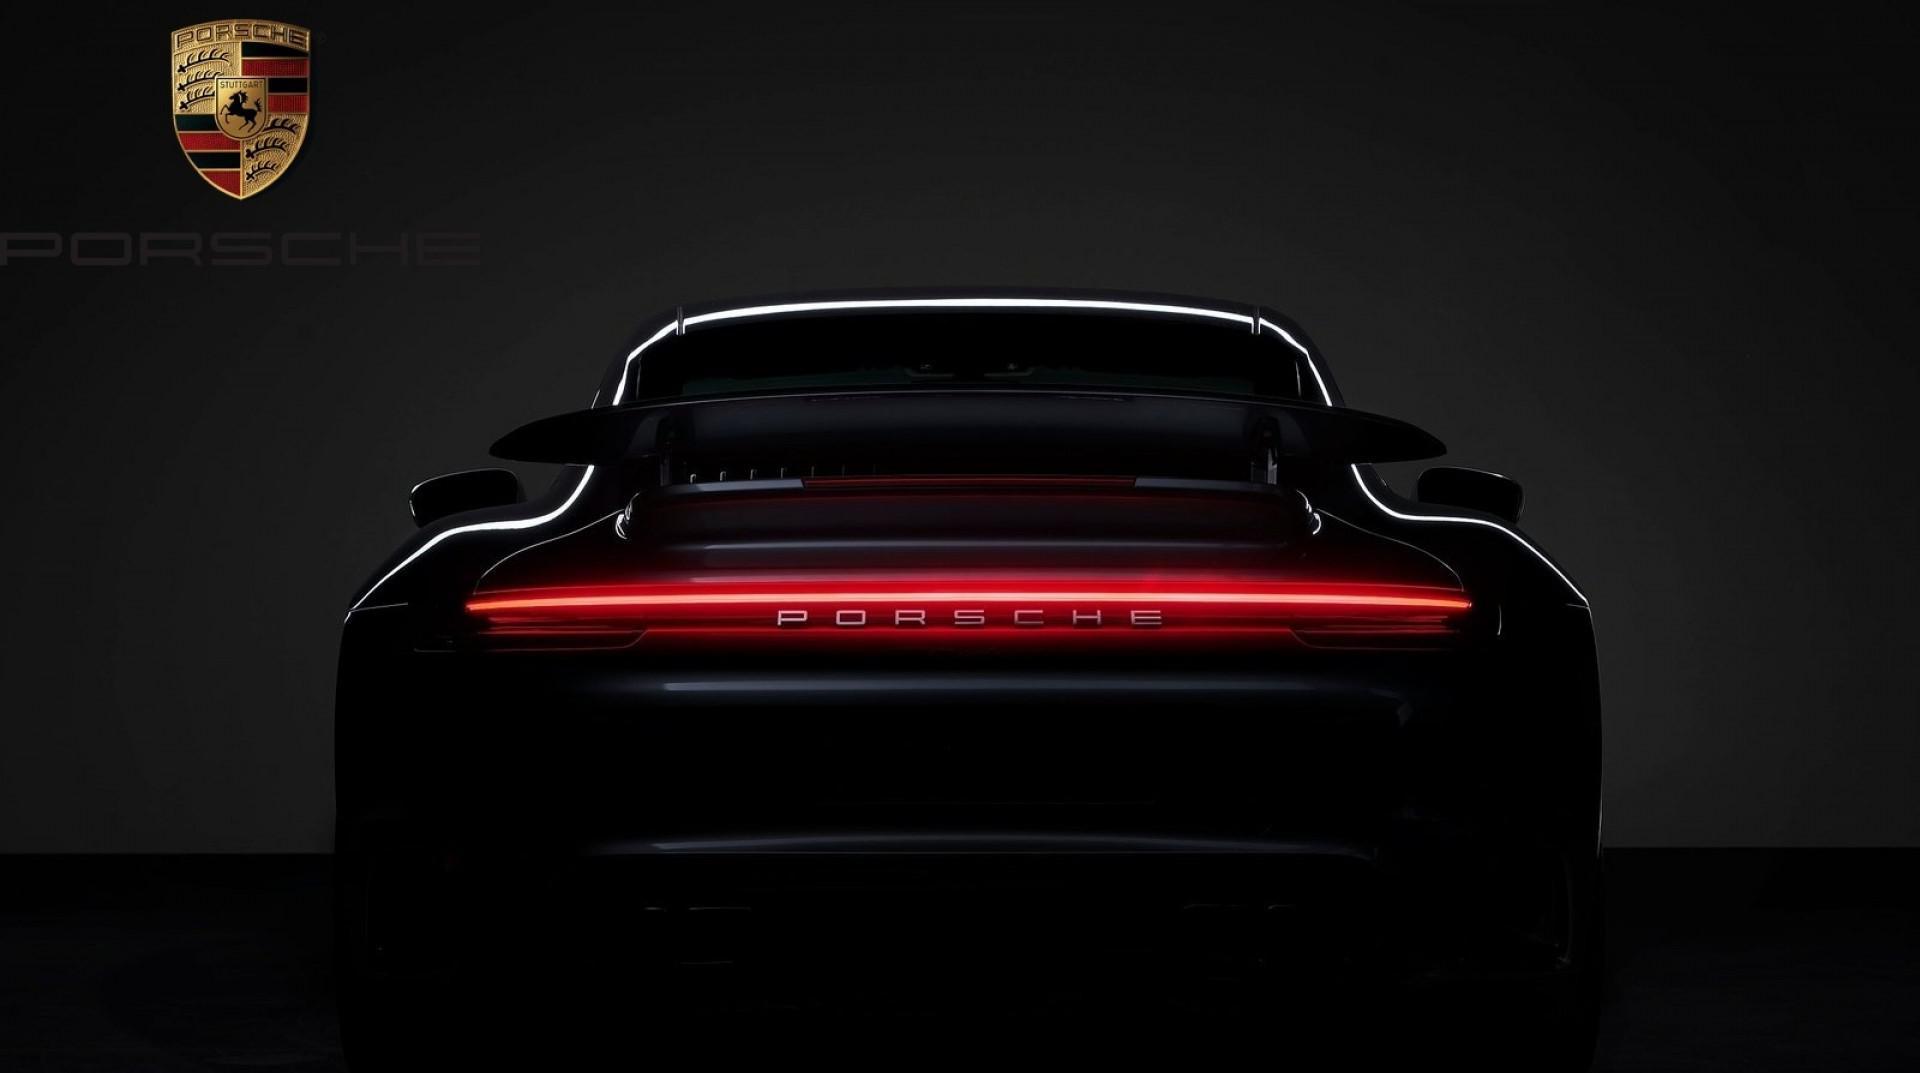 Bienvenue à bord de la 911 Turbo, des années 70 à nos jours